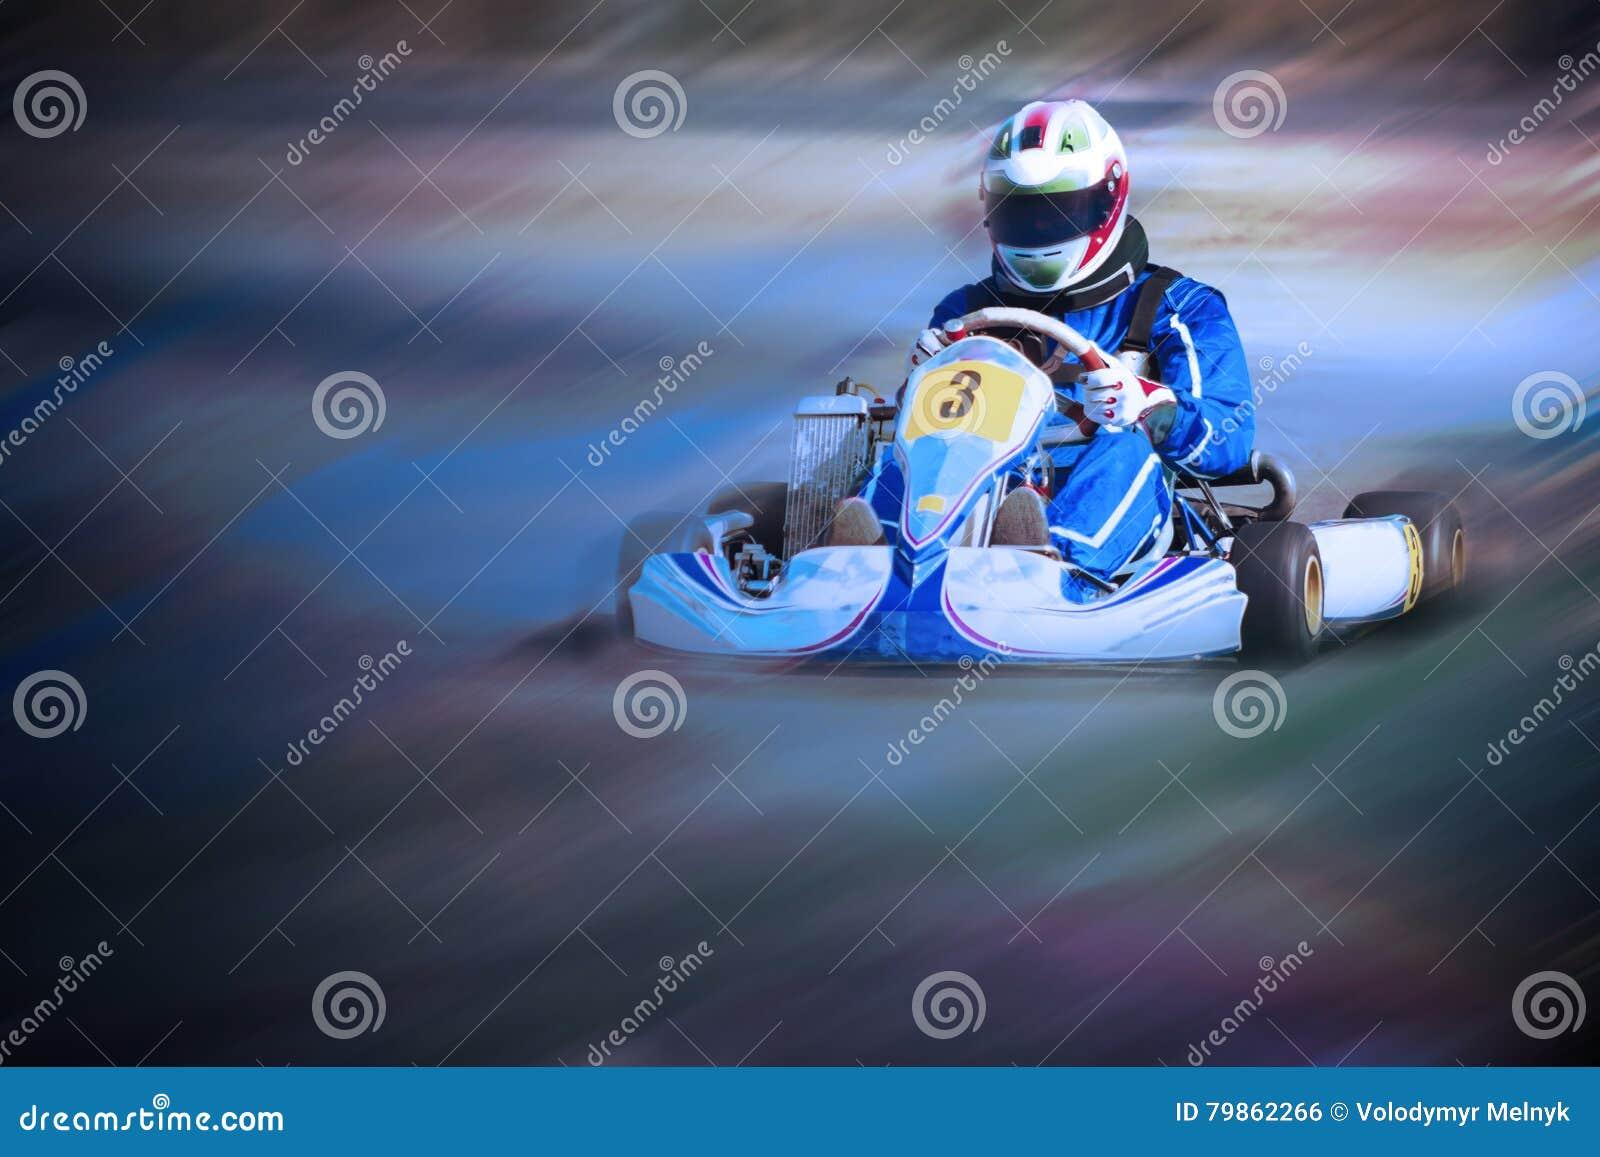 Karting - driver in casco sul circuito del kart